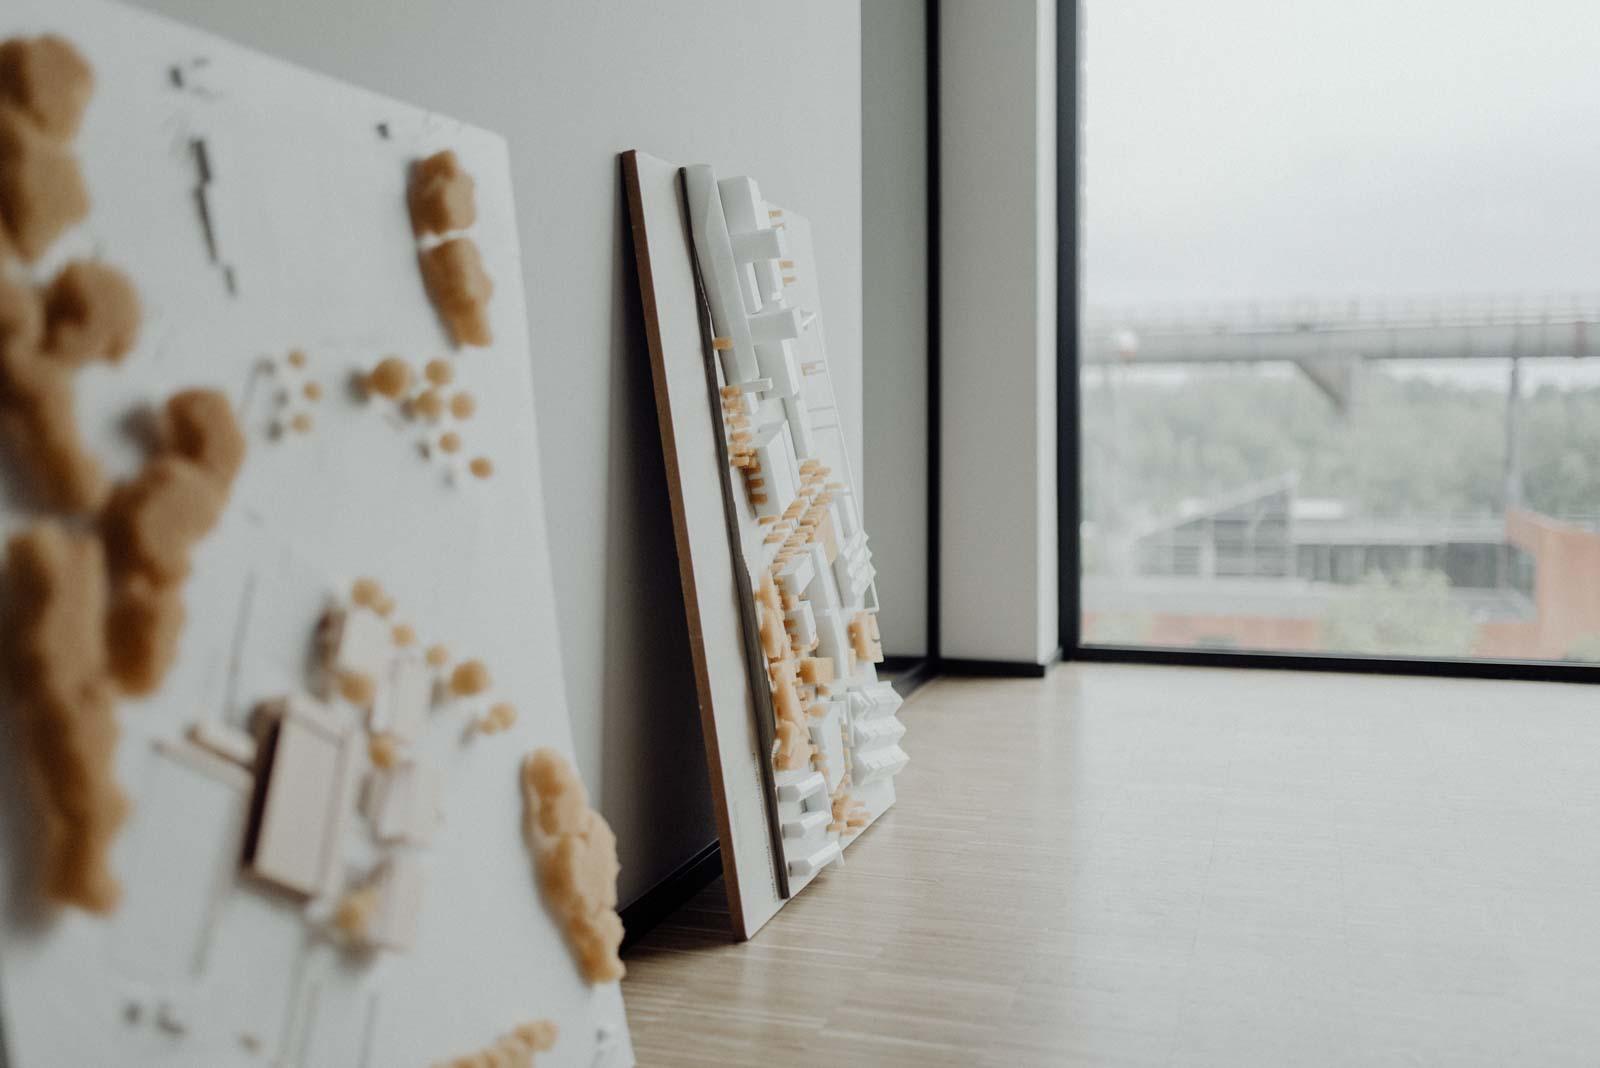 Architekturmodelle lehnen laessig an der Wand im Buero